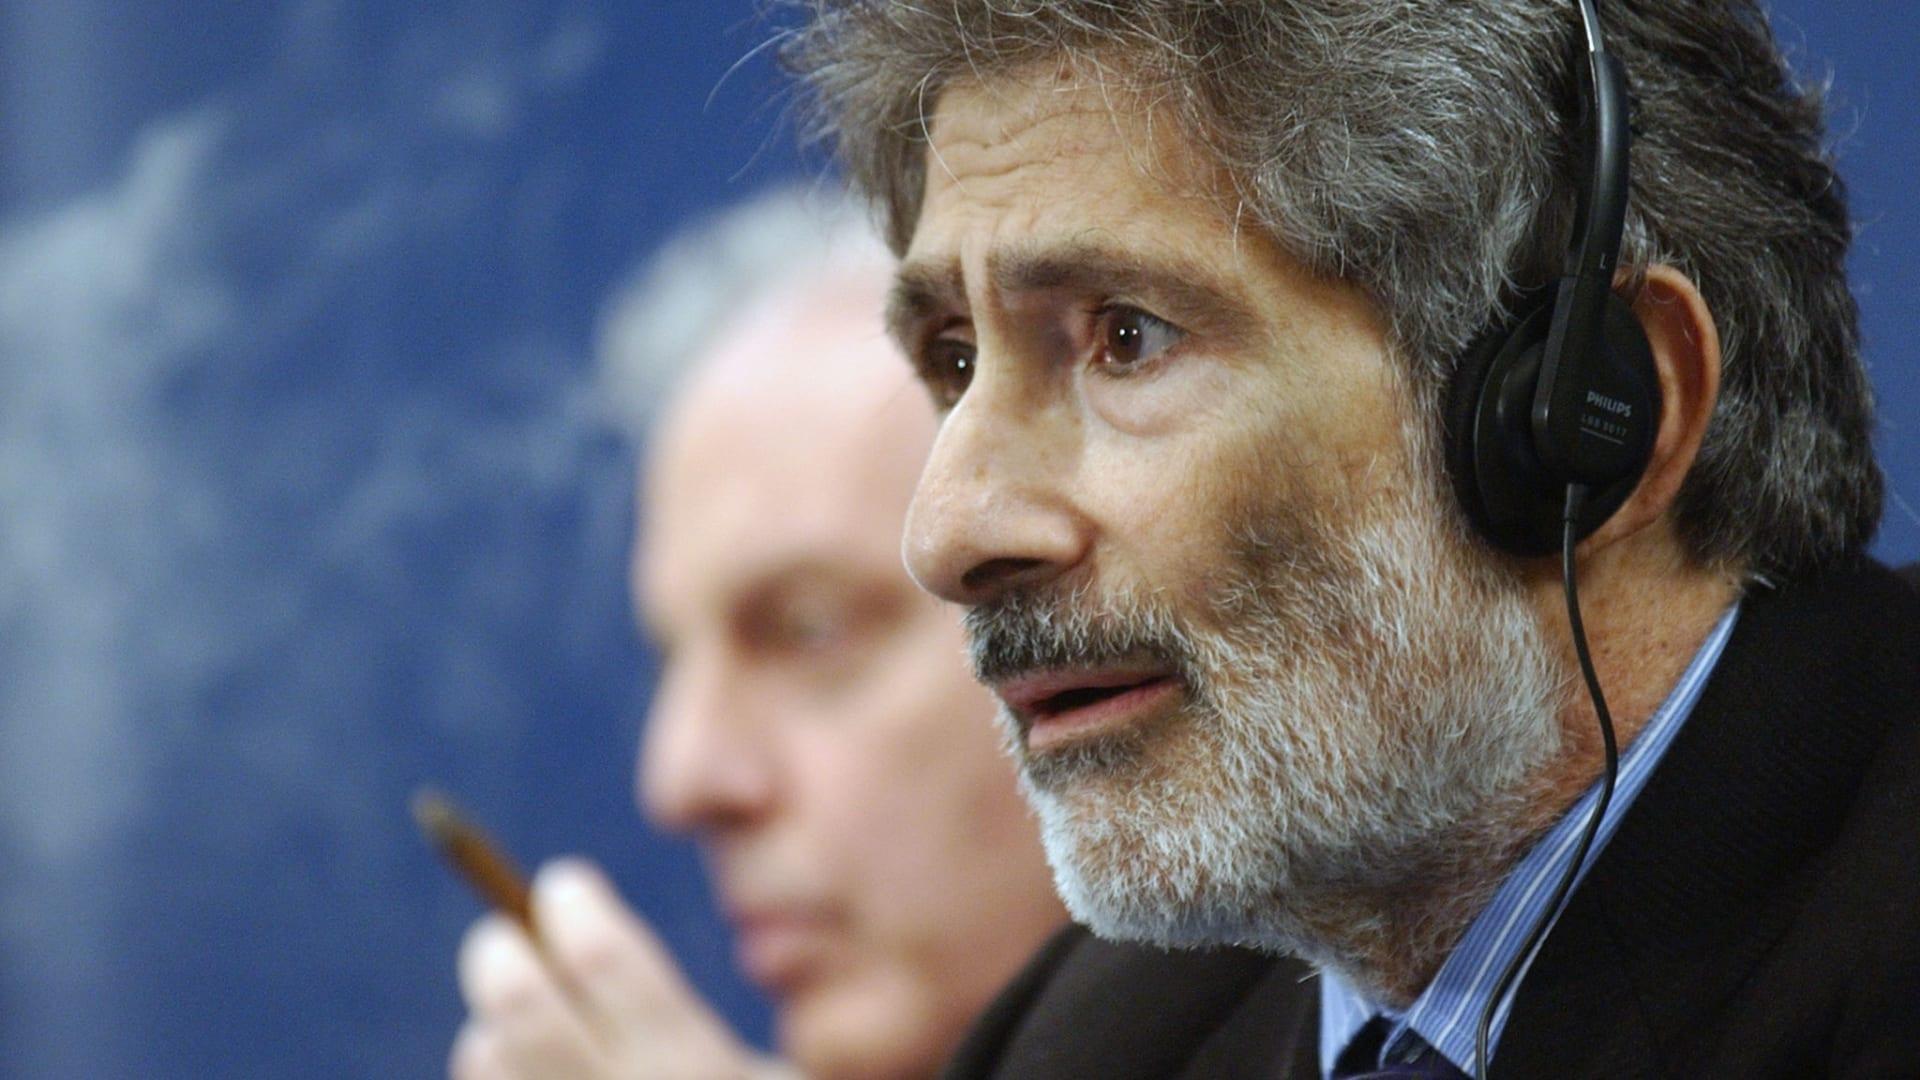 الكاتب والباحث الفلسطيني إدوارد سعيد يتحدث إلى الصحفيين في مؤتمر صحفي